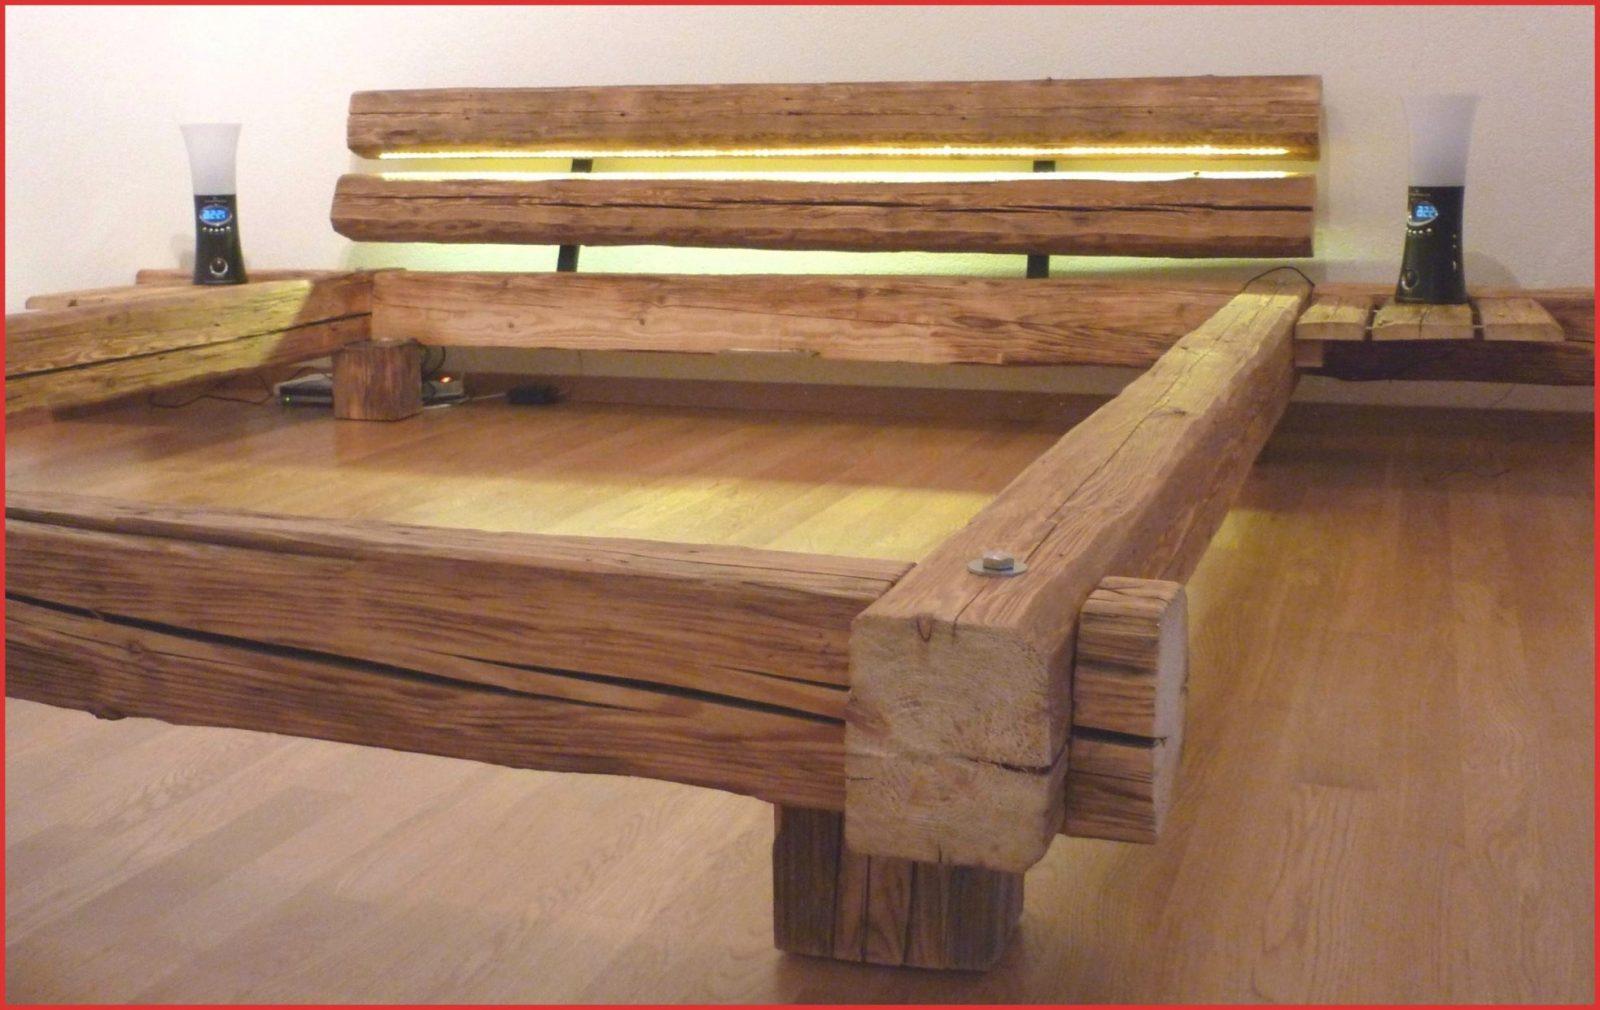 Bett Selber Bauen Holz 270491 Wunderbare Inspiration Bett Selber von Bett Aus Holz Bauen Bild